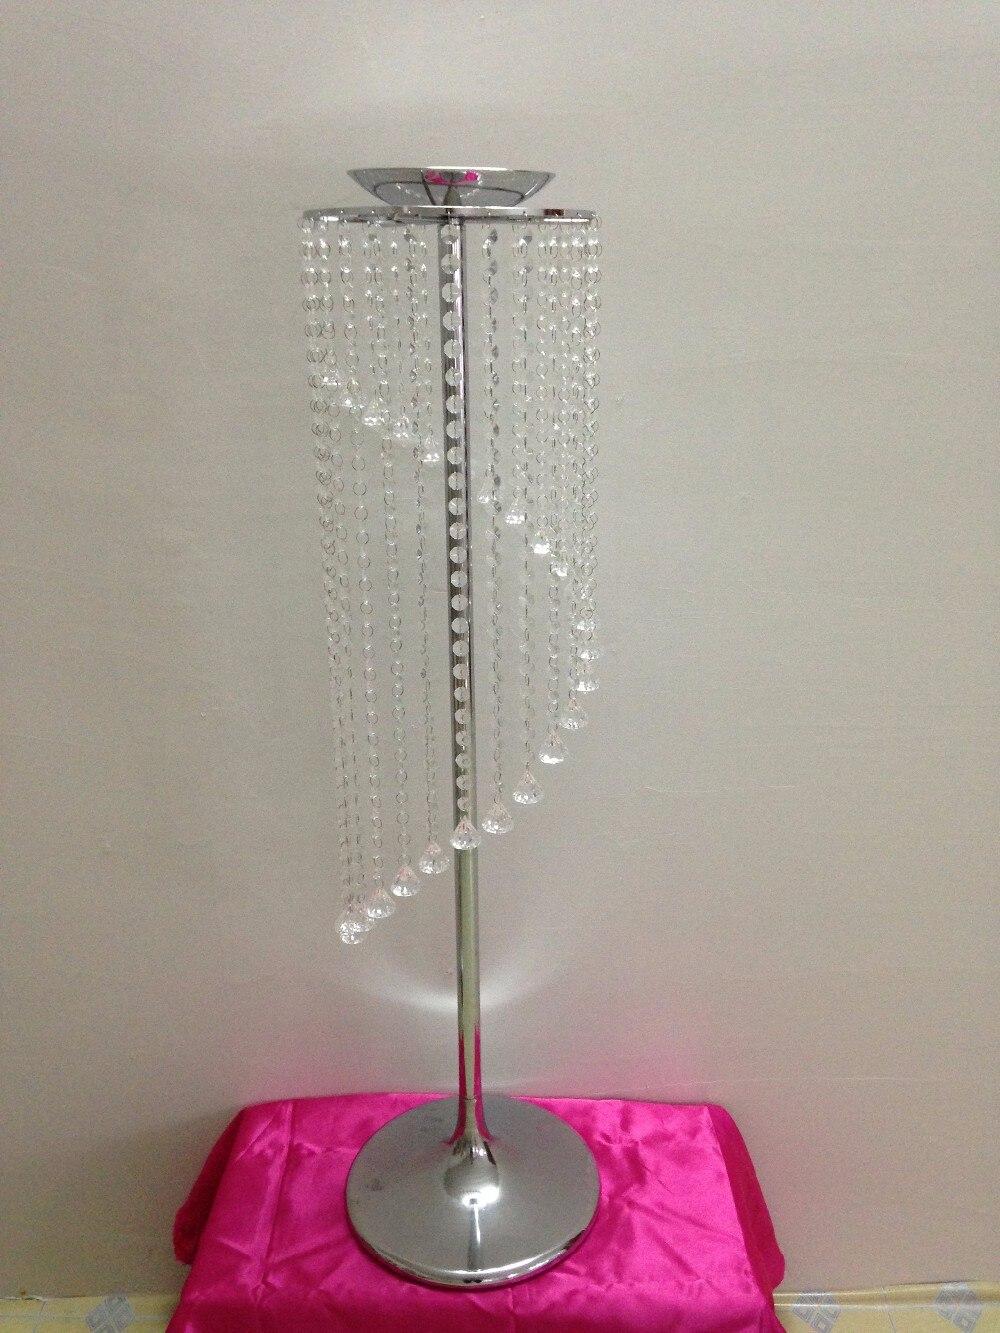 69cm de alto florero de boda MESA DE PLATA soporte para centro de mesa de boda 10 unids/lote